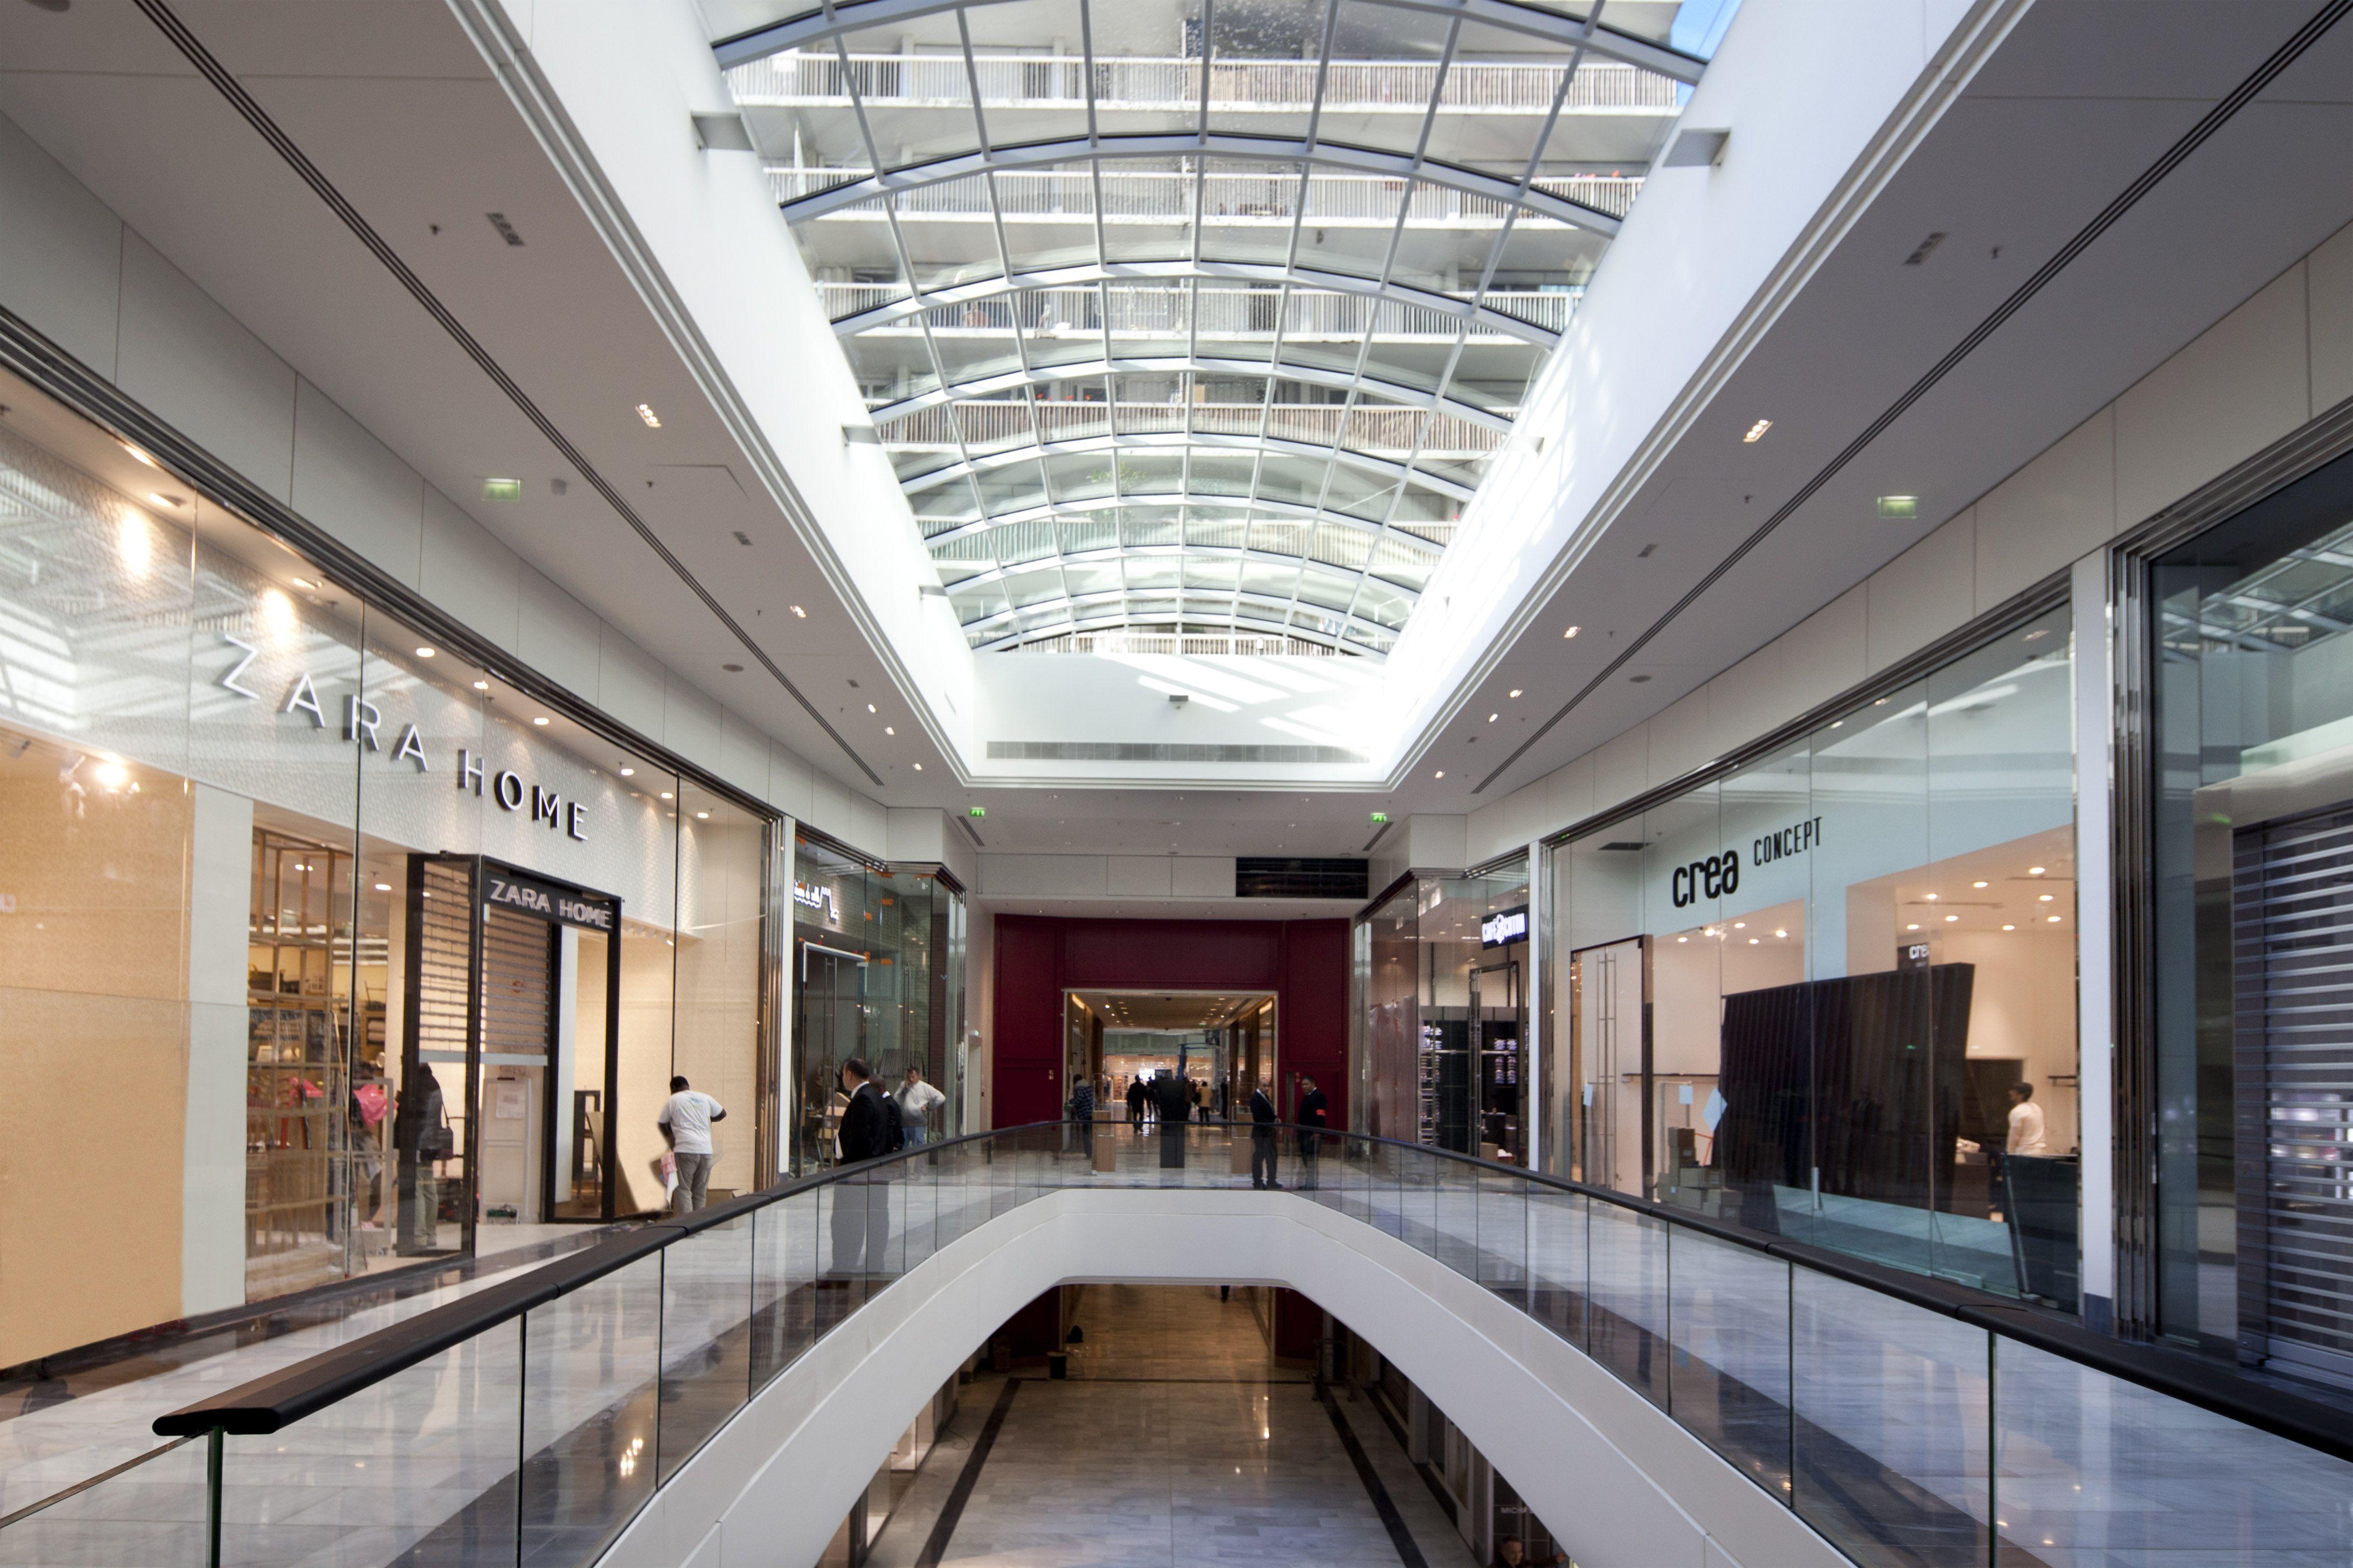 Ouverture de so ouest un centre commercial 4 toiles levallois - Centre commercial so ouest levallois ...